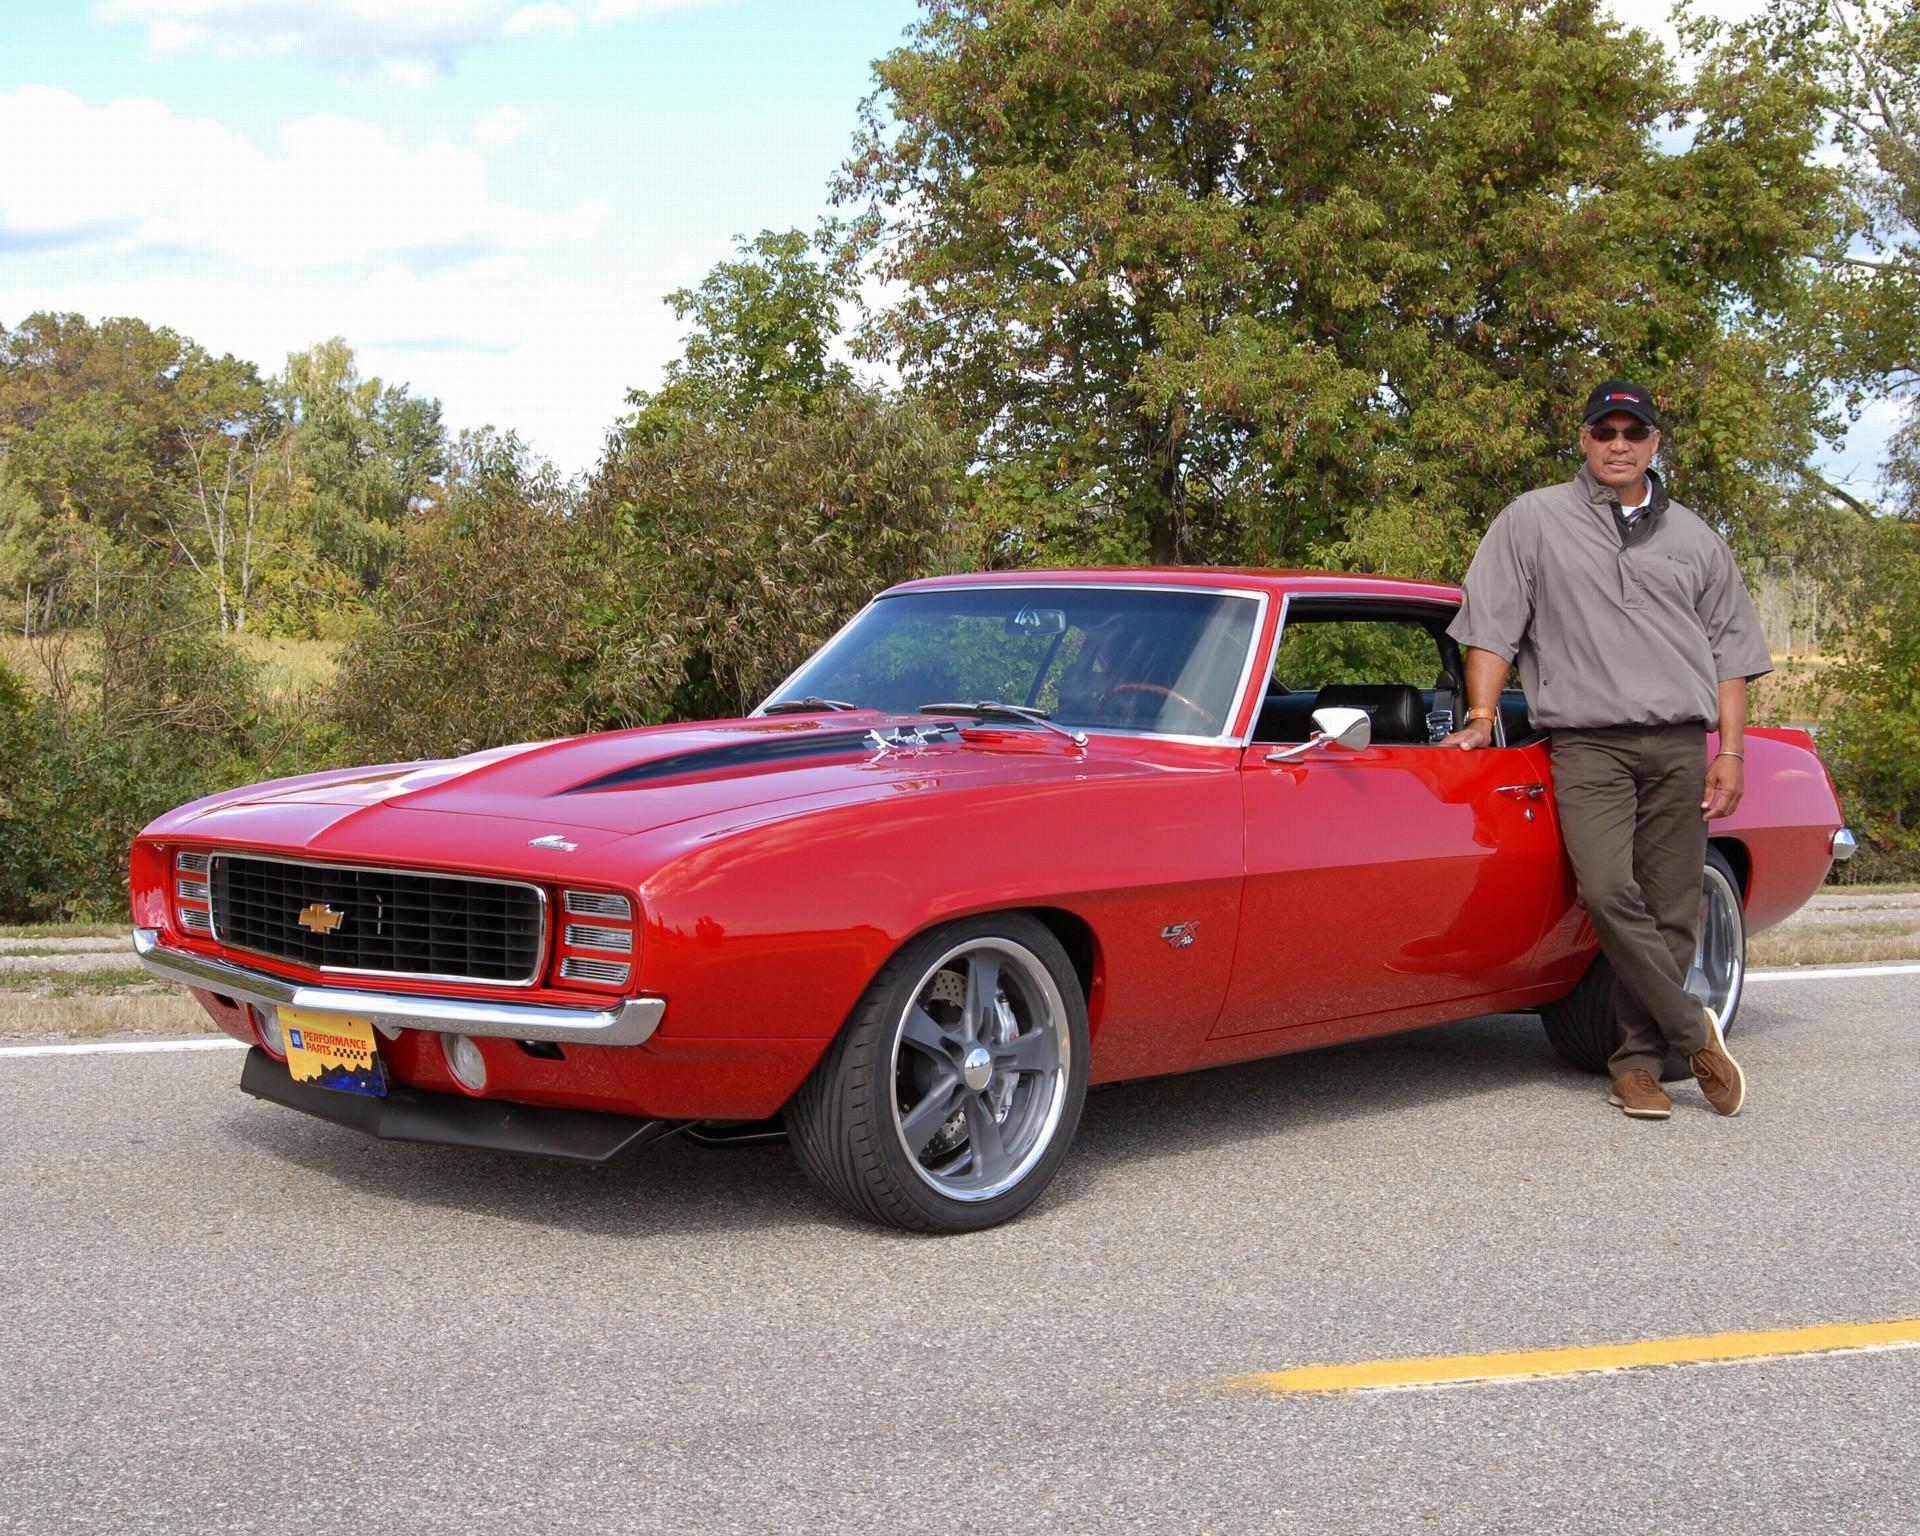 1969 Chevrolet Reggie Jackson Camaro History Pictures